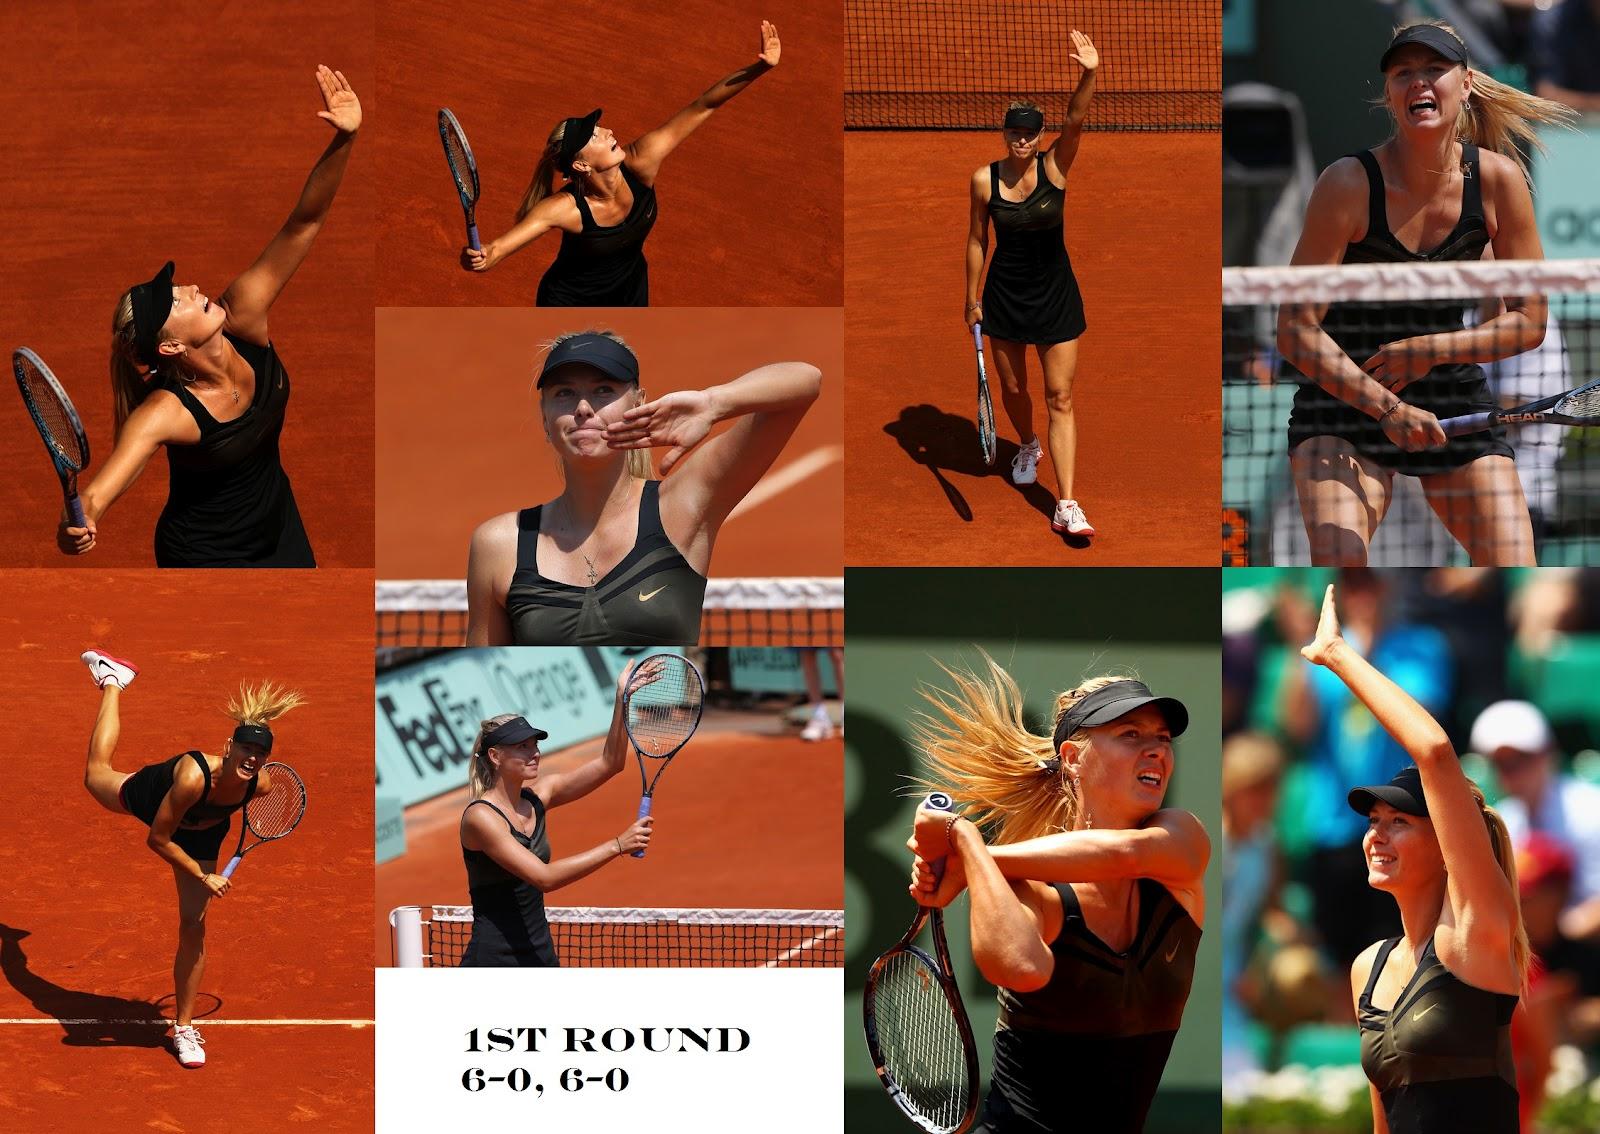 http://4.bp.blogspot.com/-NEaD9tQGa-M/T8UPWKvPztI/AAAAAAAADWM/eO5zLDpaRM0/s1600/Maria_Sharapova_French_Open_1st_Round.jpg